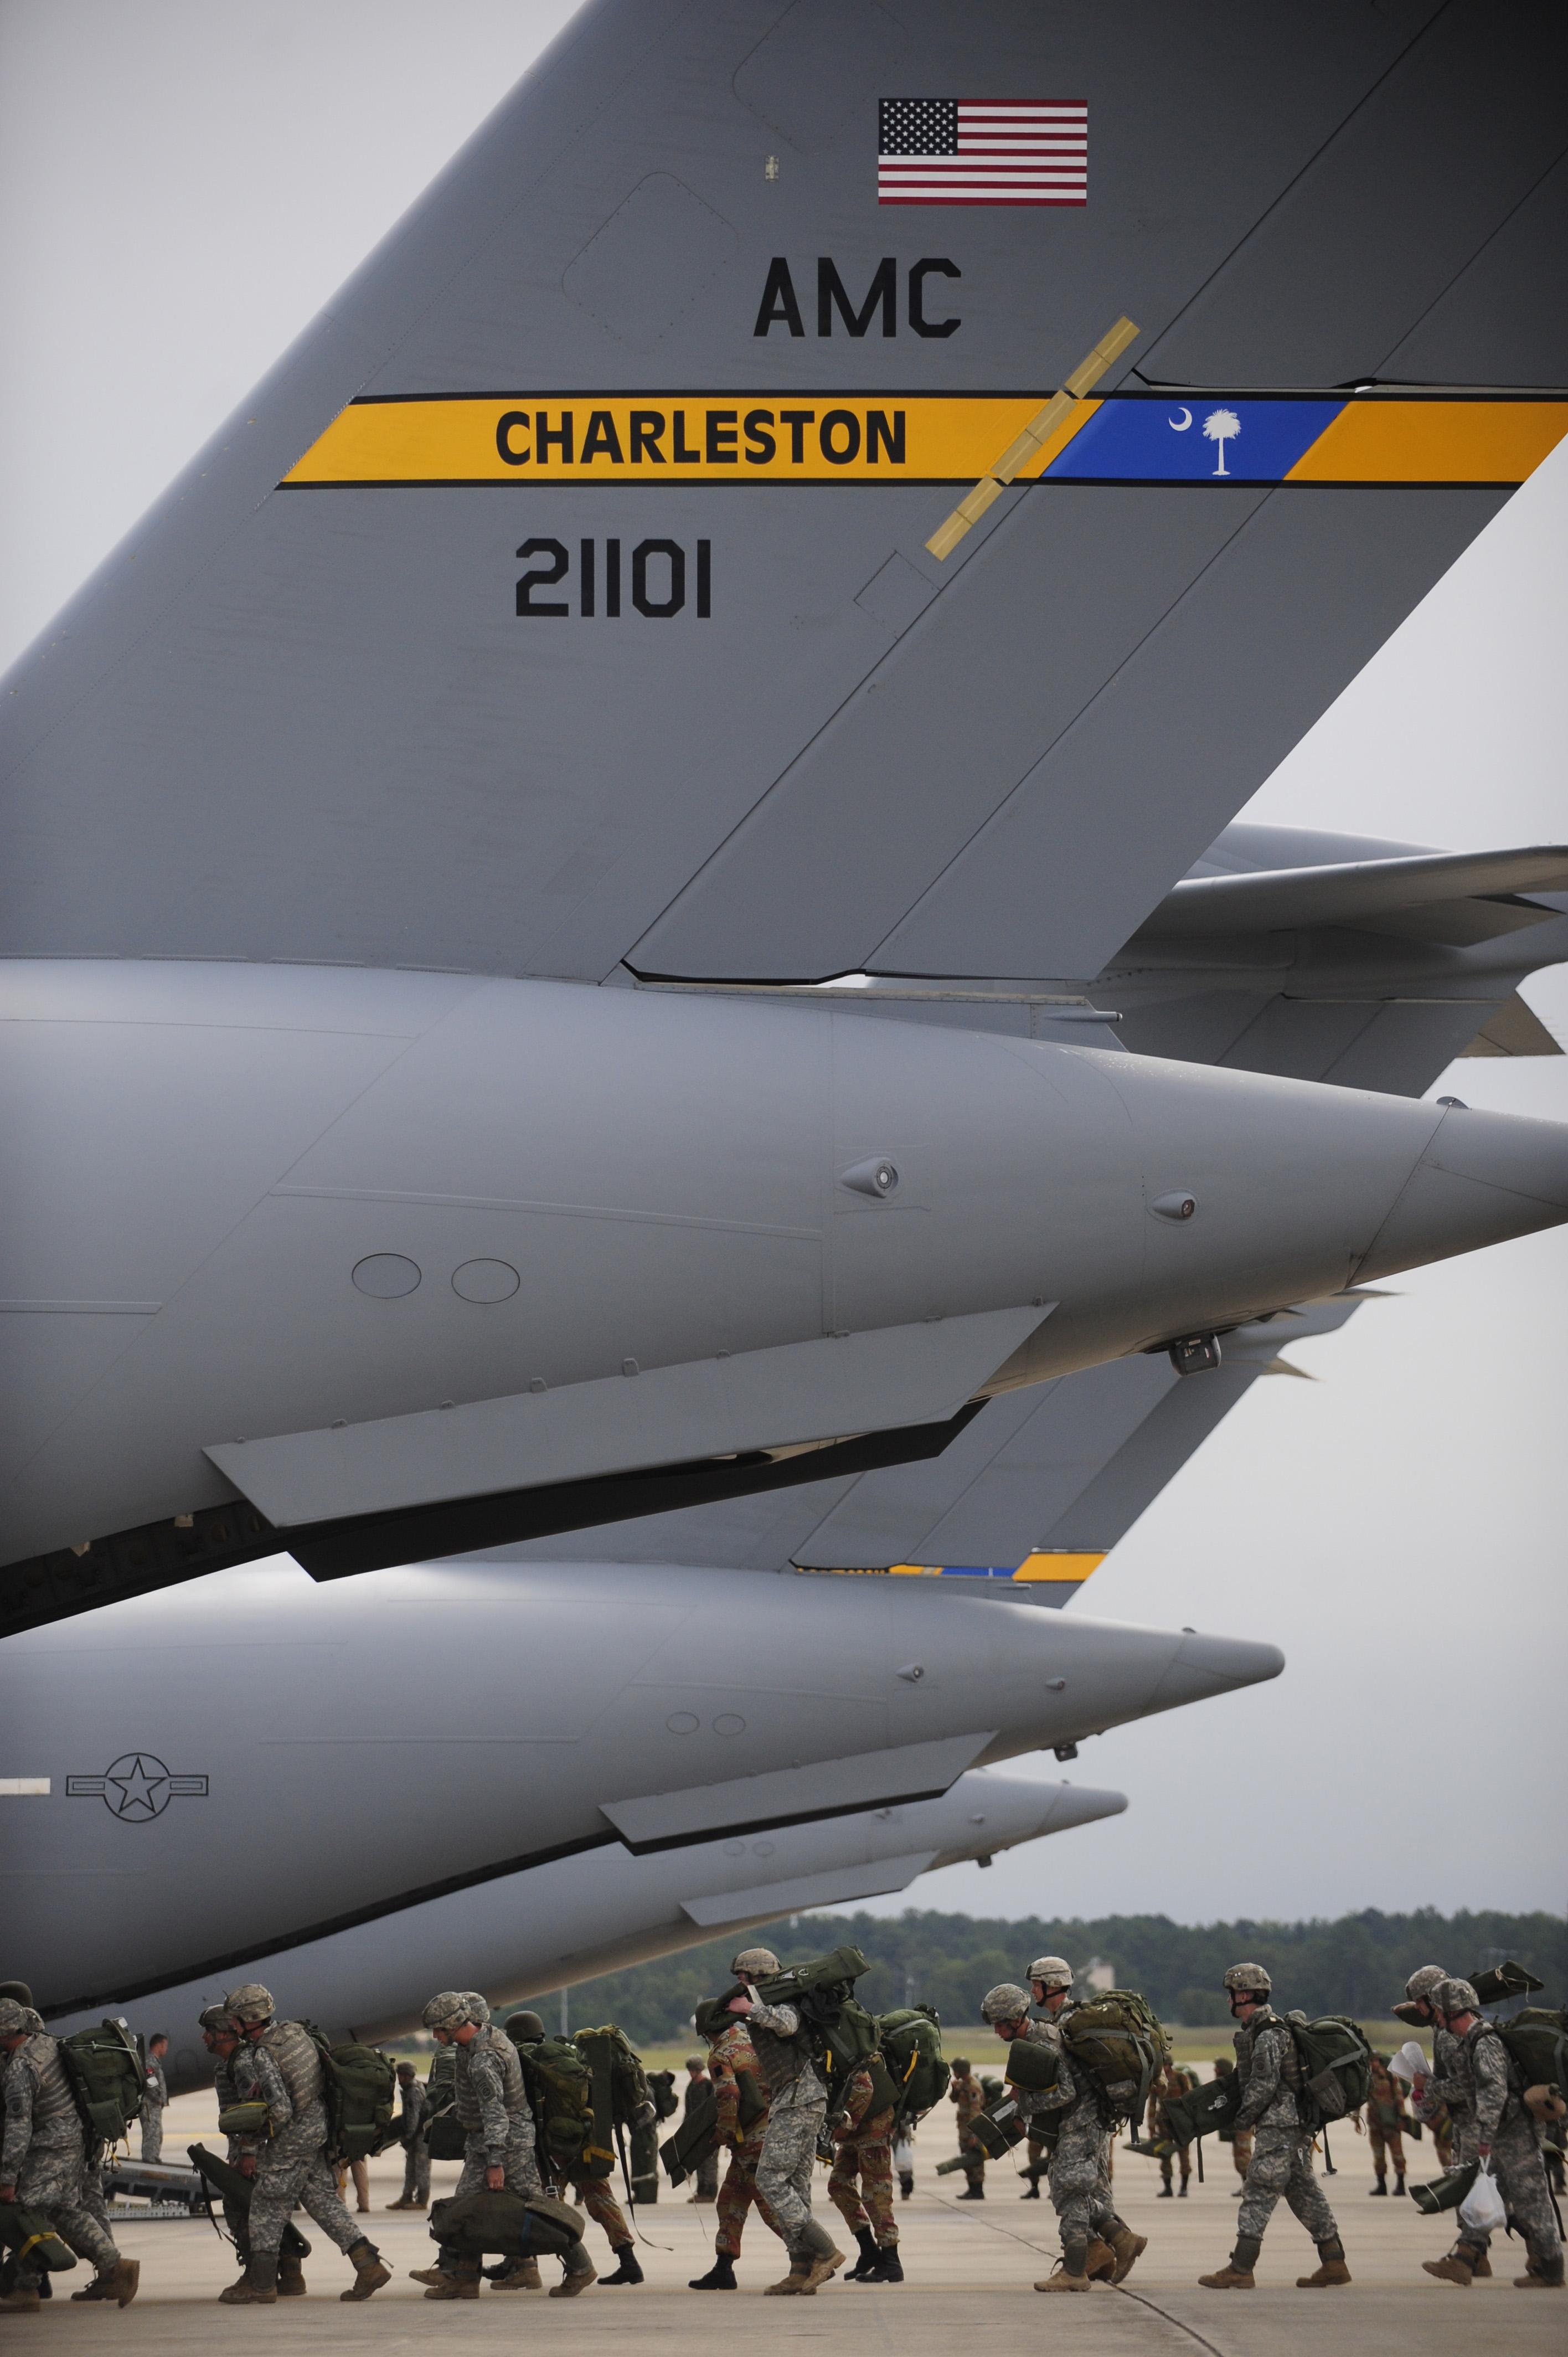 File:Defense gov News Photo 091011-F-5964B-050 jpg